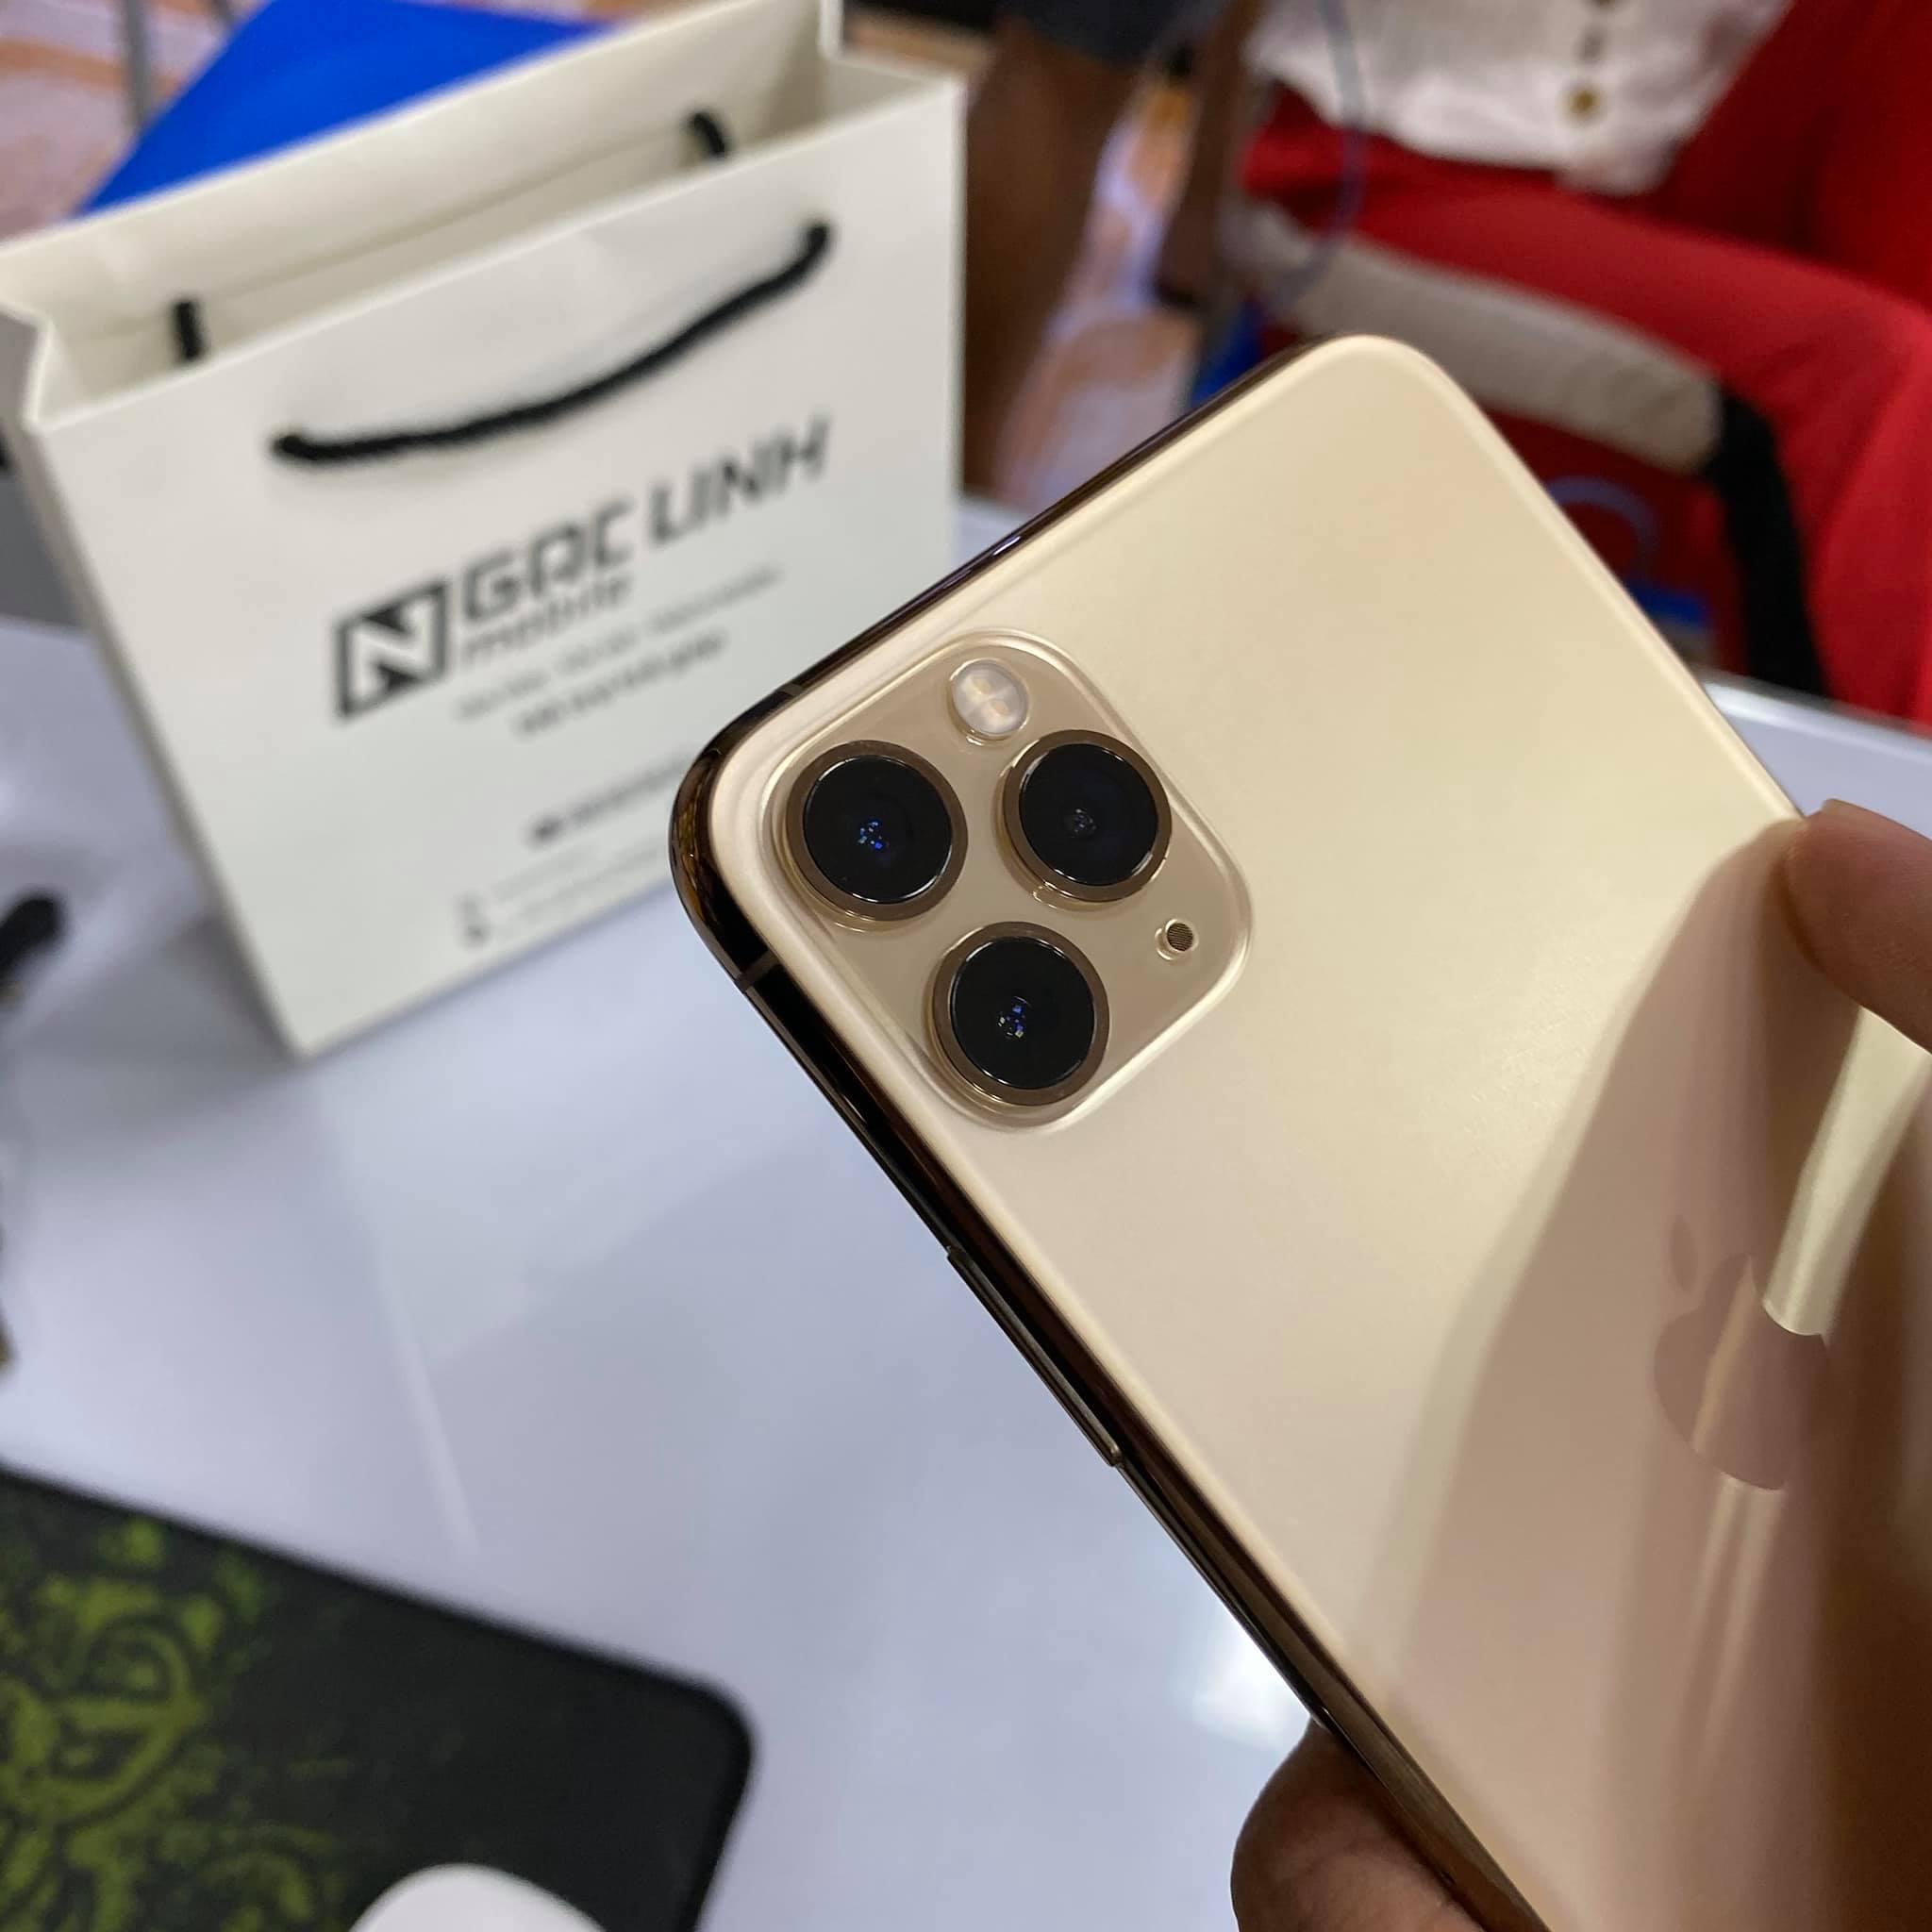 iPhone 11  iphone 11 - Thủ thuật để có một bức ảnh đẹp trên iPhone 11 chỉ bằng camera thường